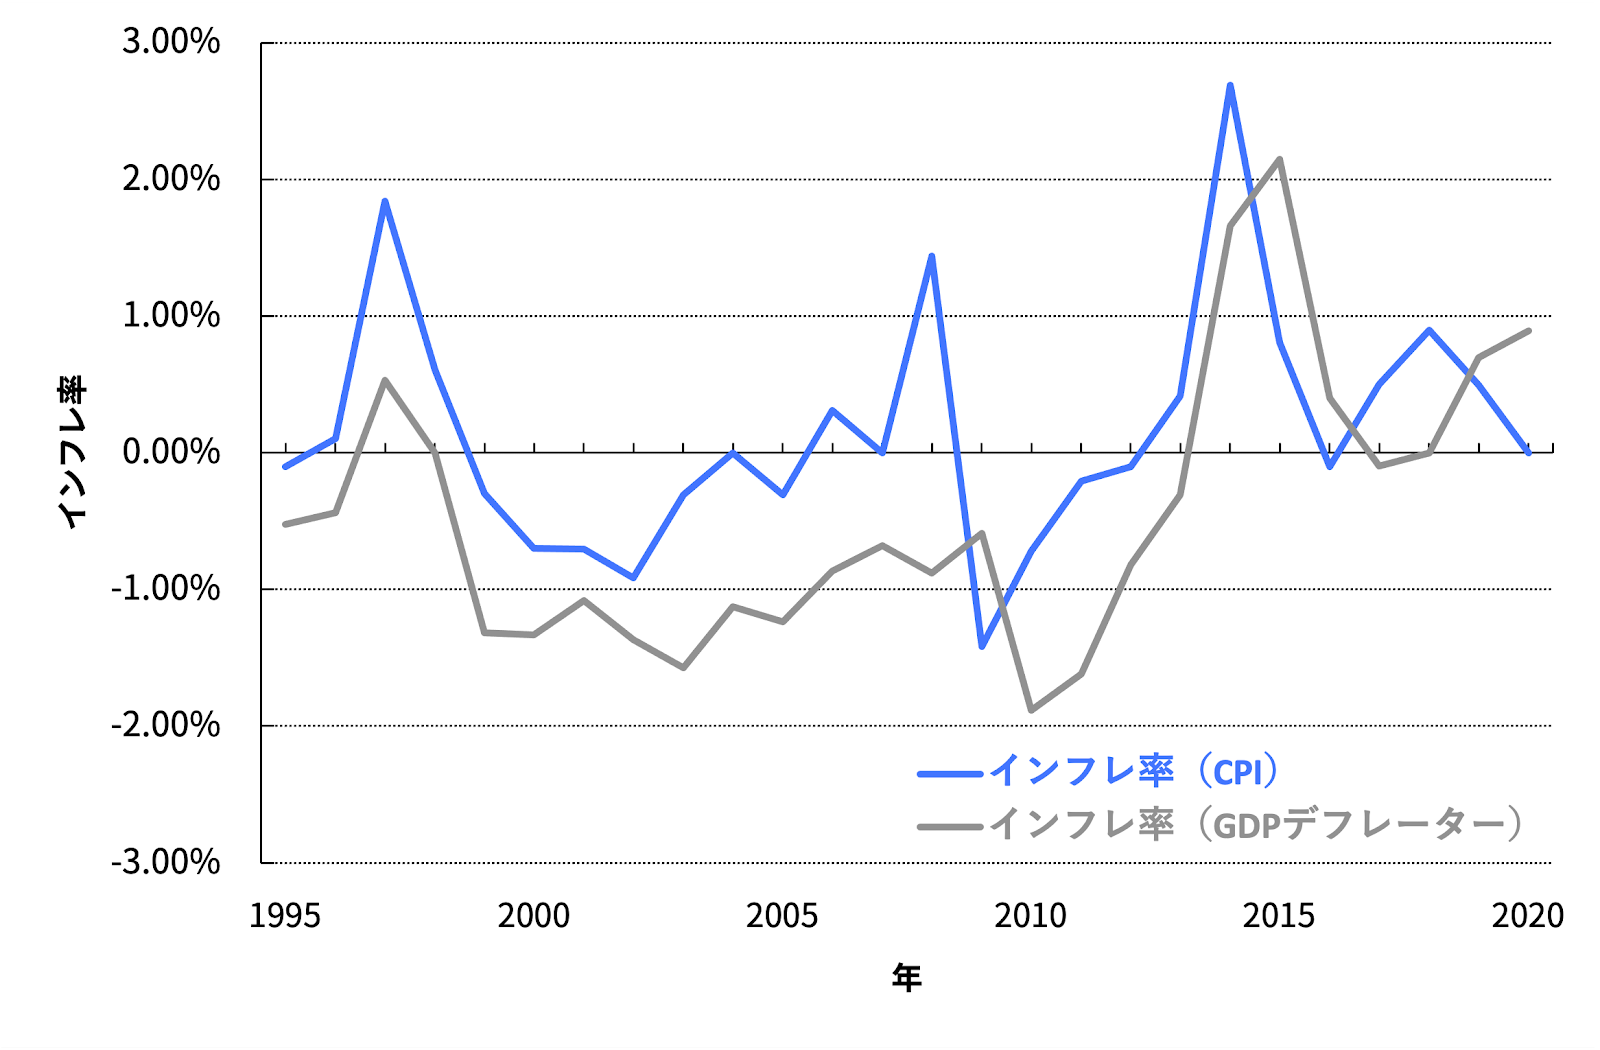 図2 日本のインフレ率(1995年から2020年)